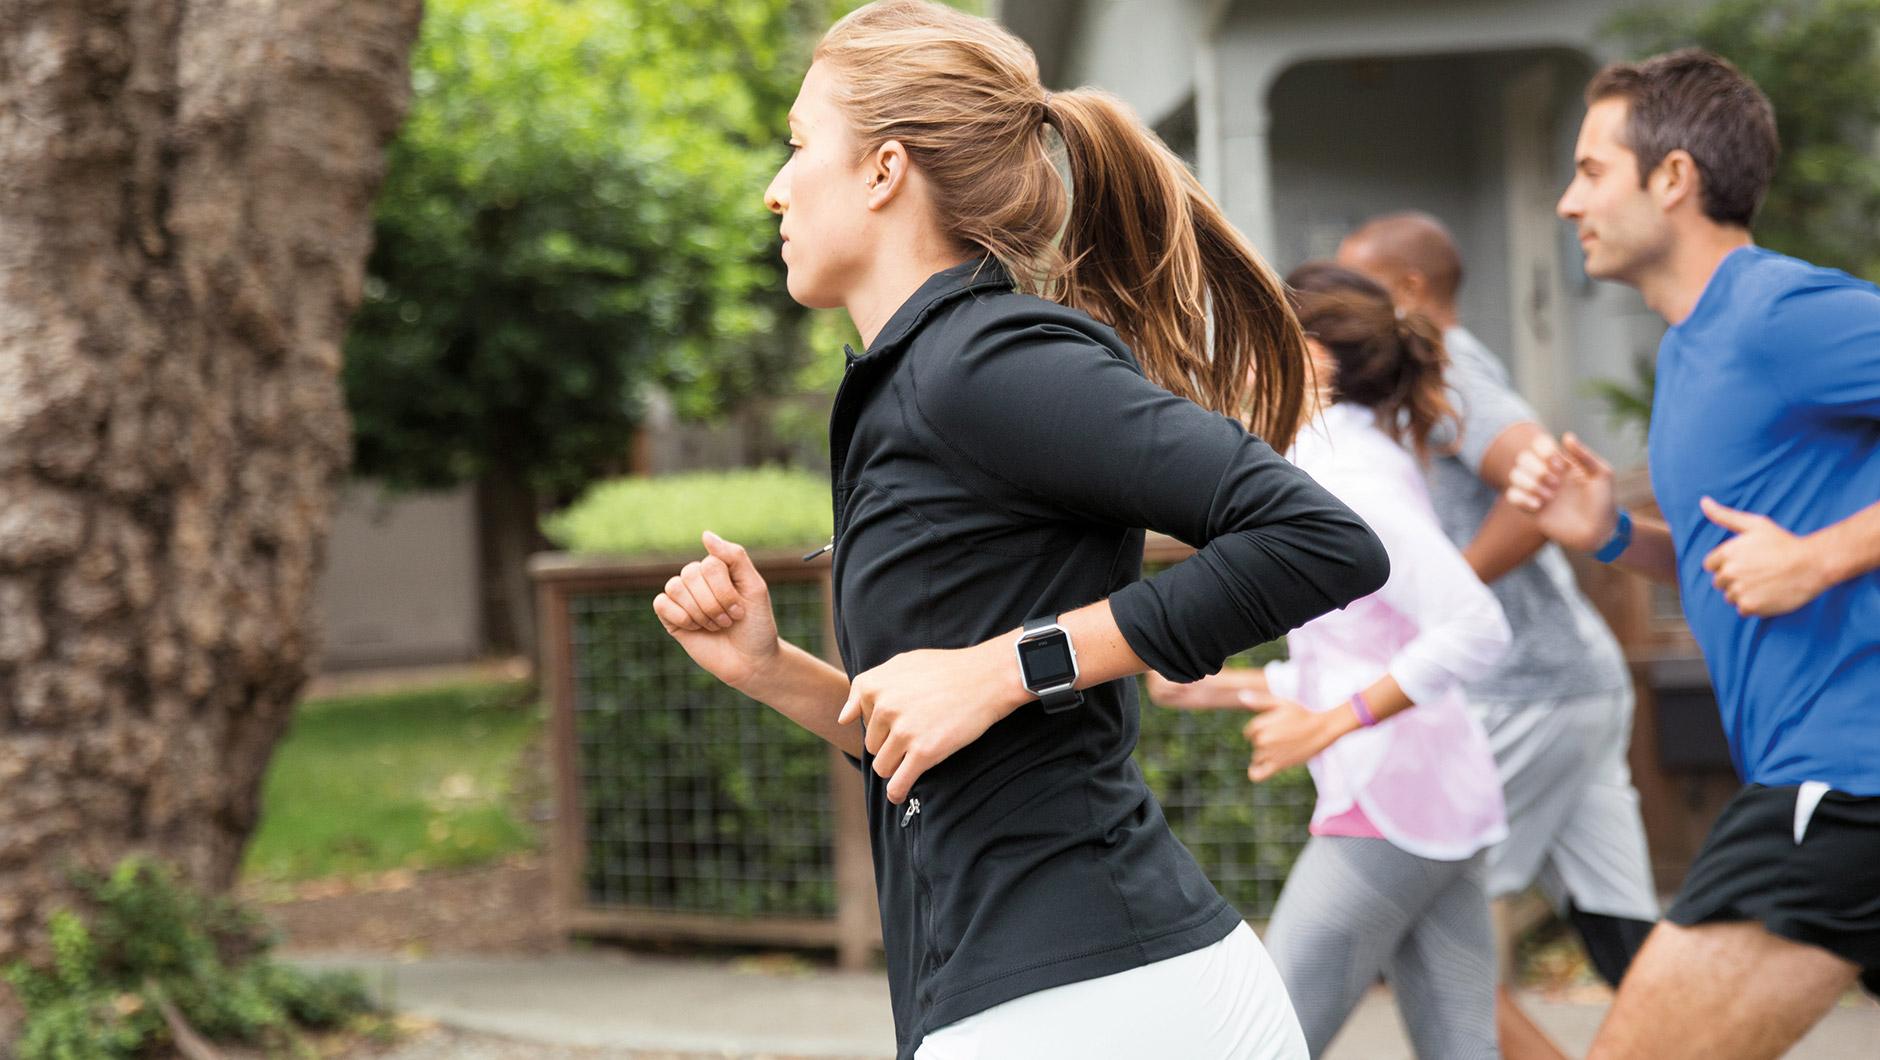 Joggers wearing Fitbit Blaze trackers.